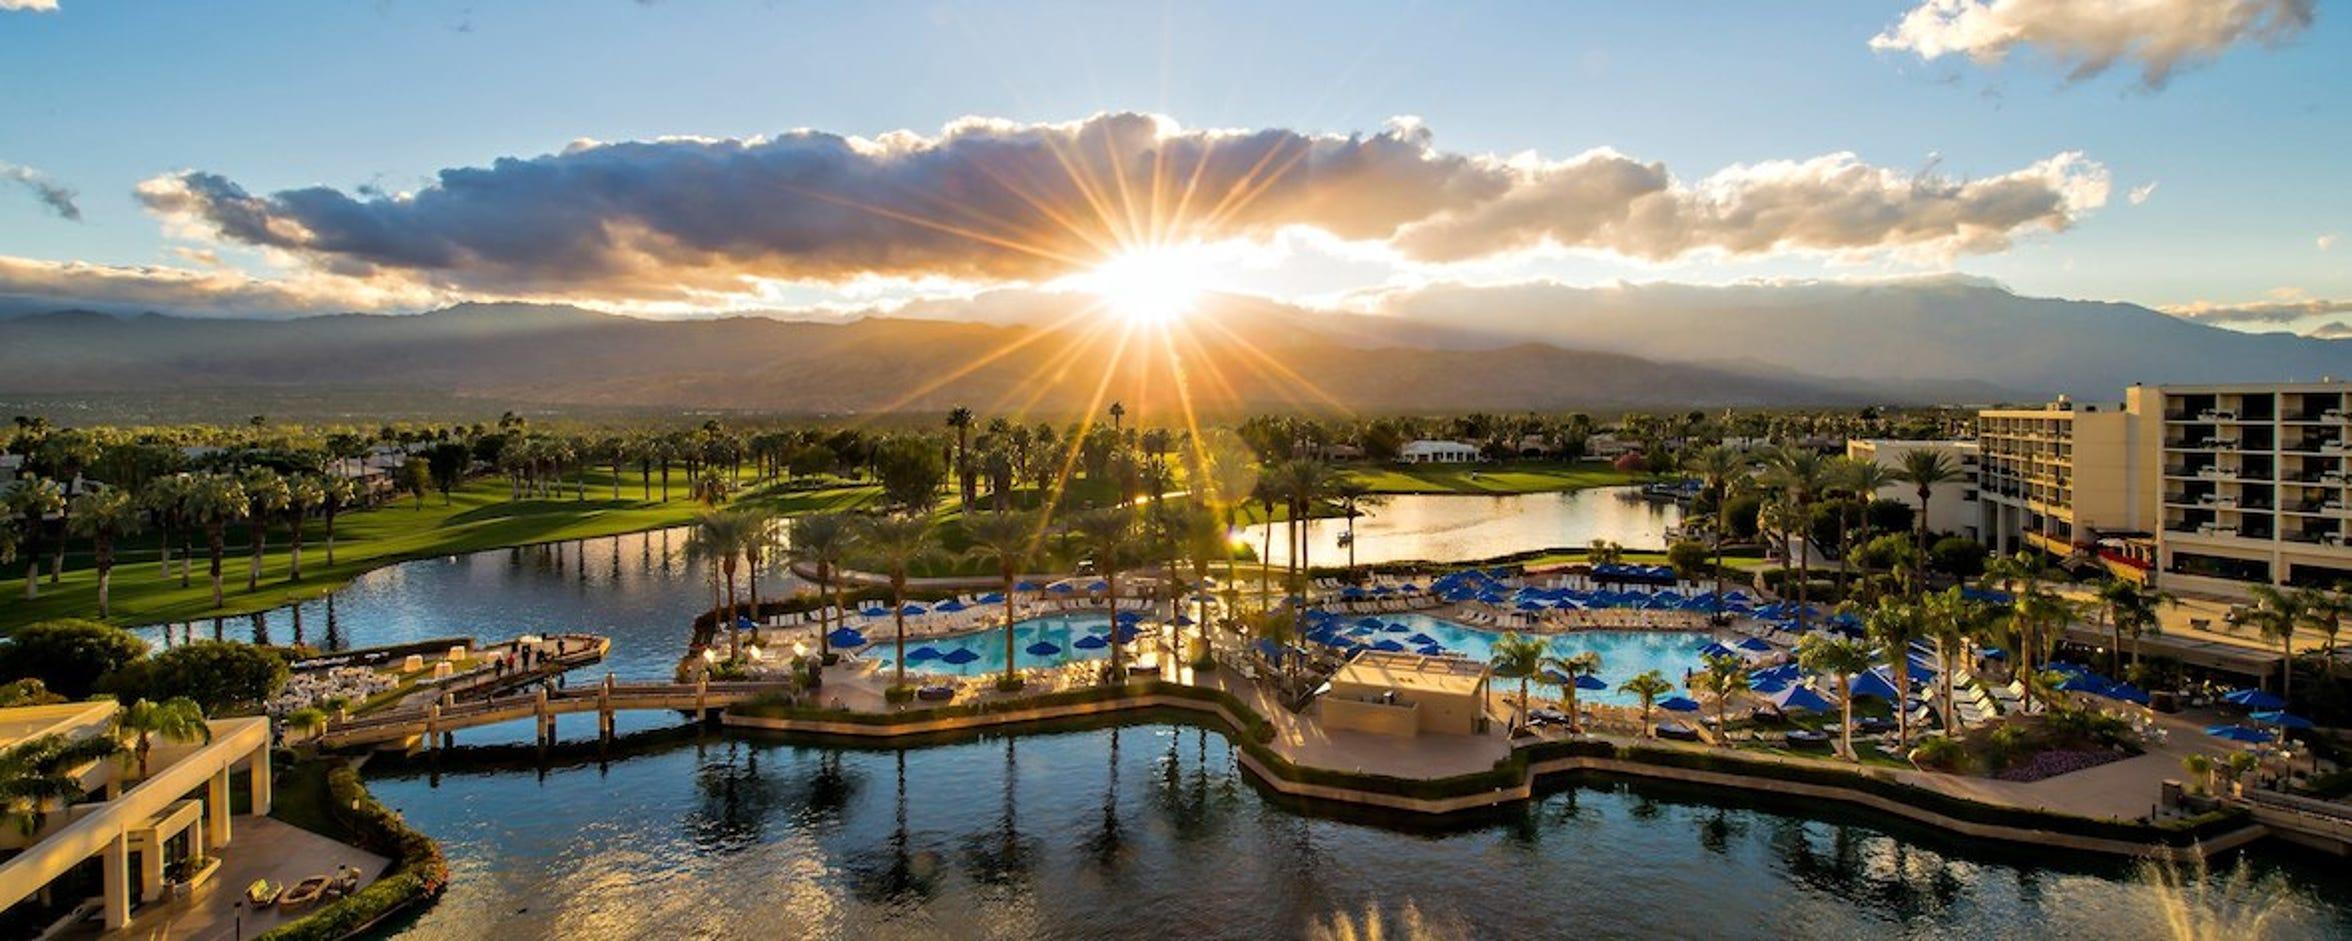 JW Marriott Desert Springs Resort & Spa.